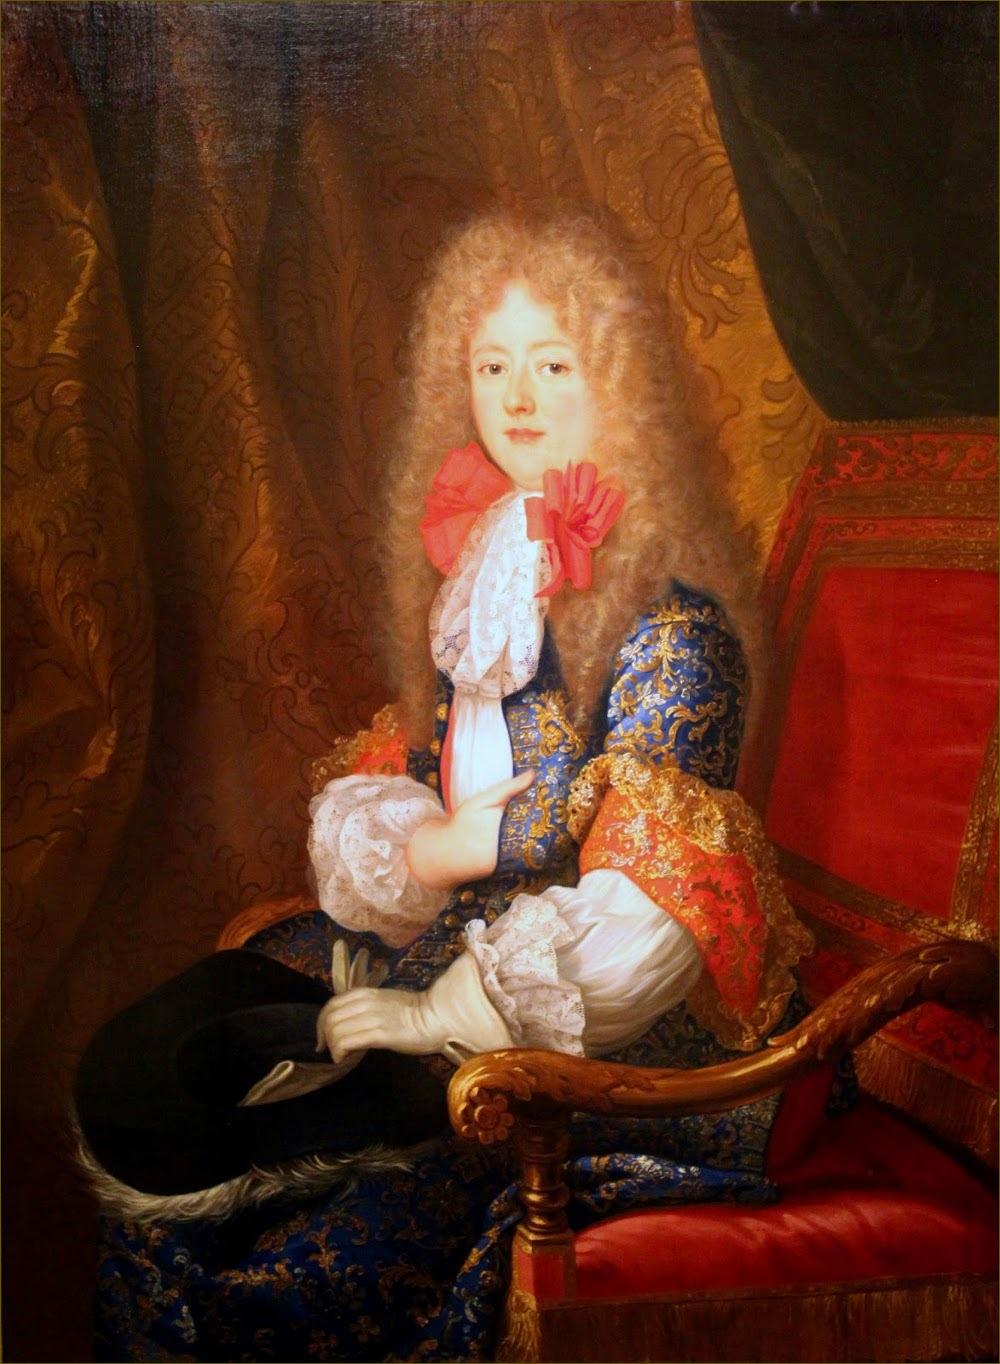 altesses elisabeth charlotte princesse palatine du rhin madame duchesse d 39 orl ans en 1673. Black Bedroom Furniture Sets. Home Design Ideas